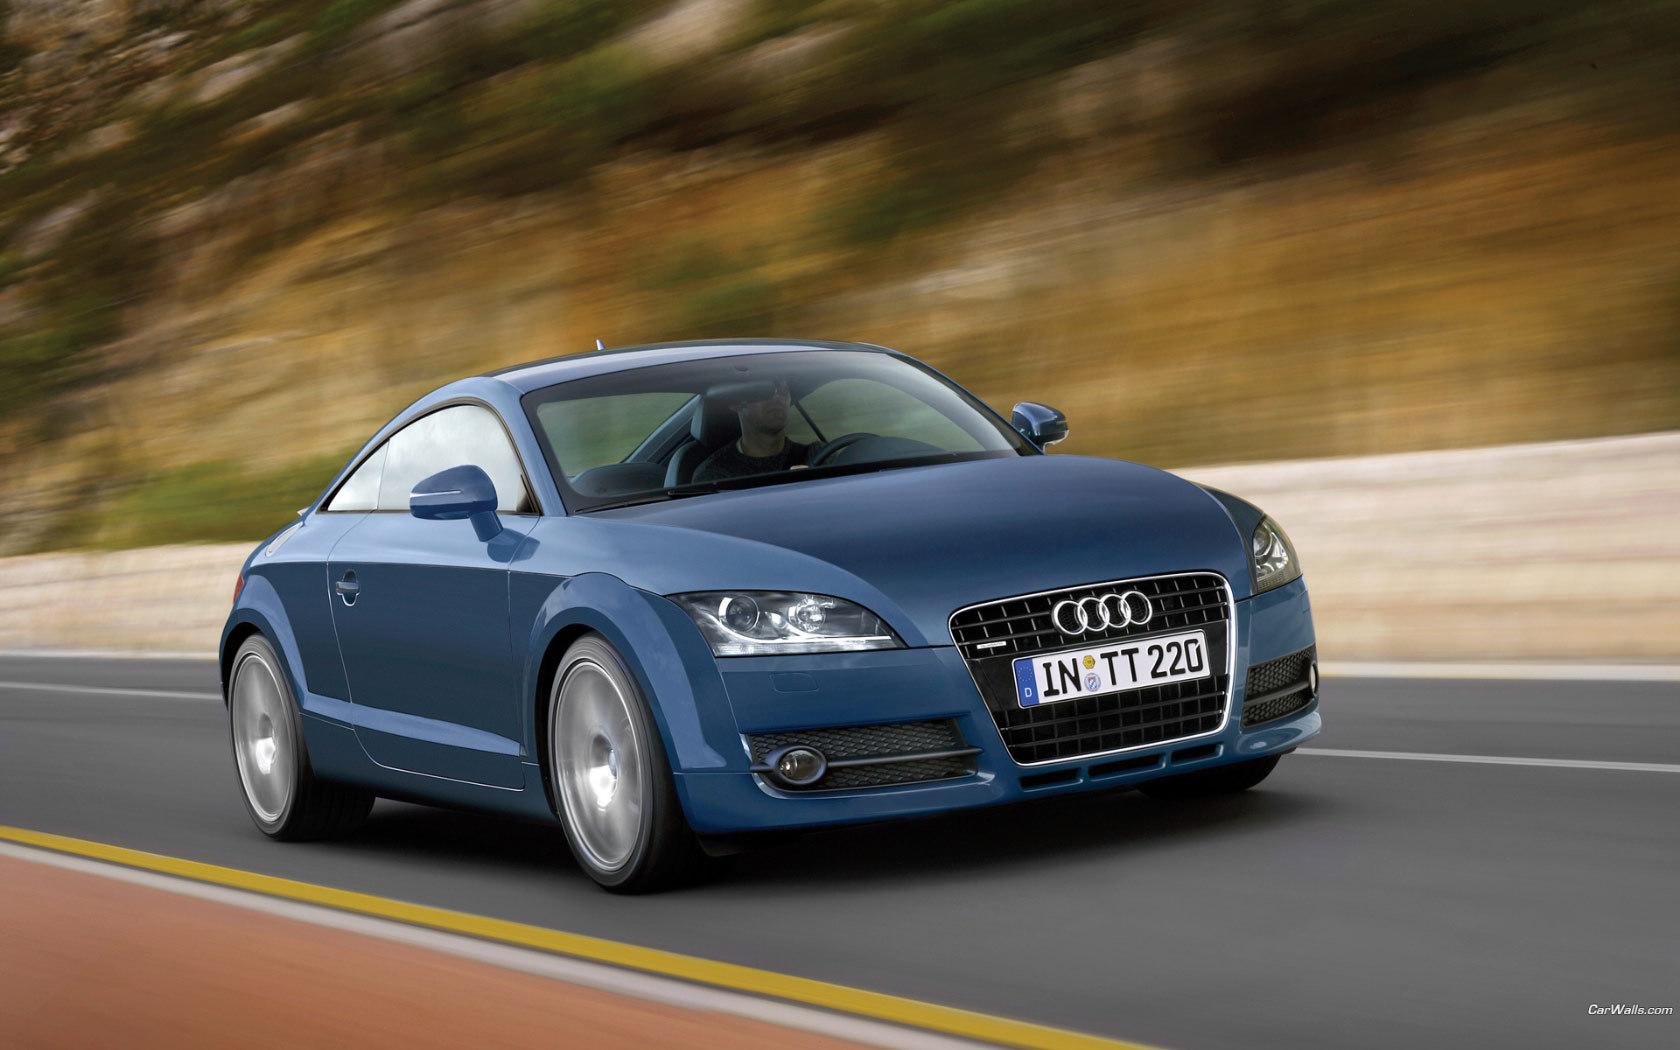 6803 скачать обои Транспорт, Машины, Ауди (Audi) - заставки и картинки бесплатно